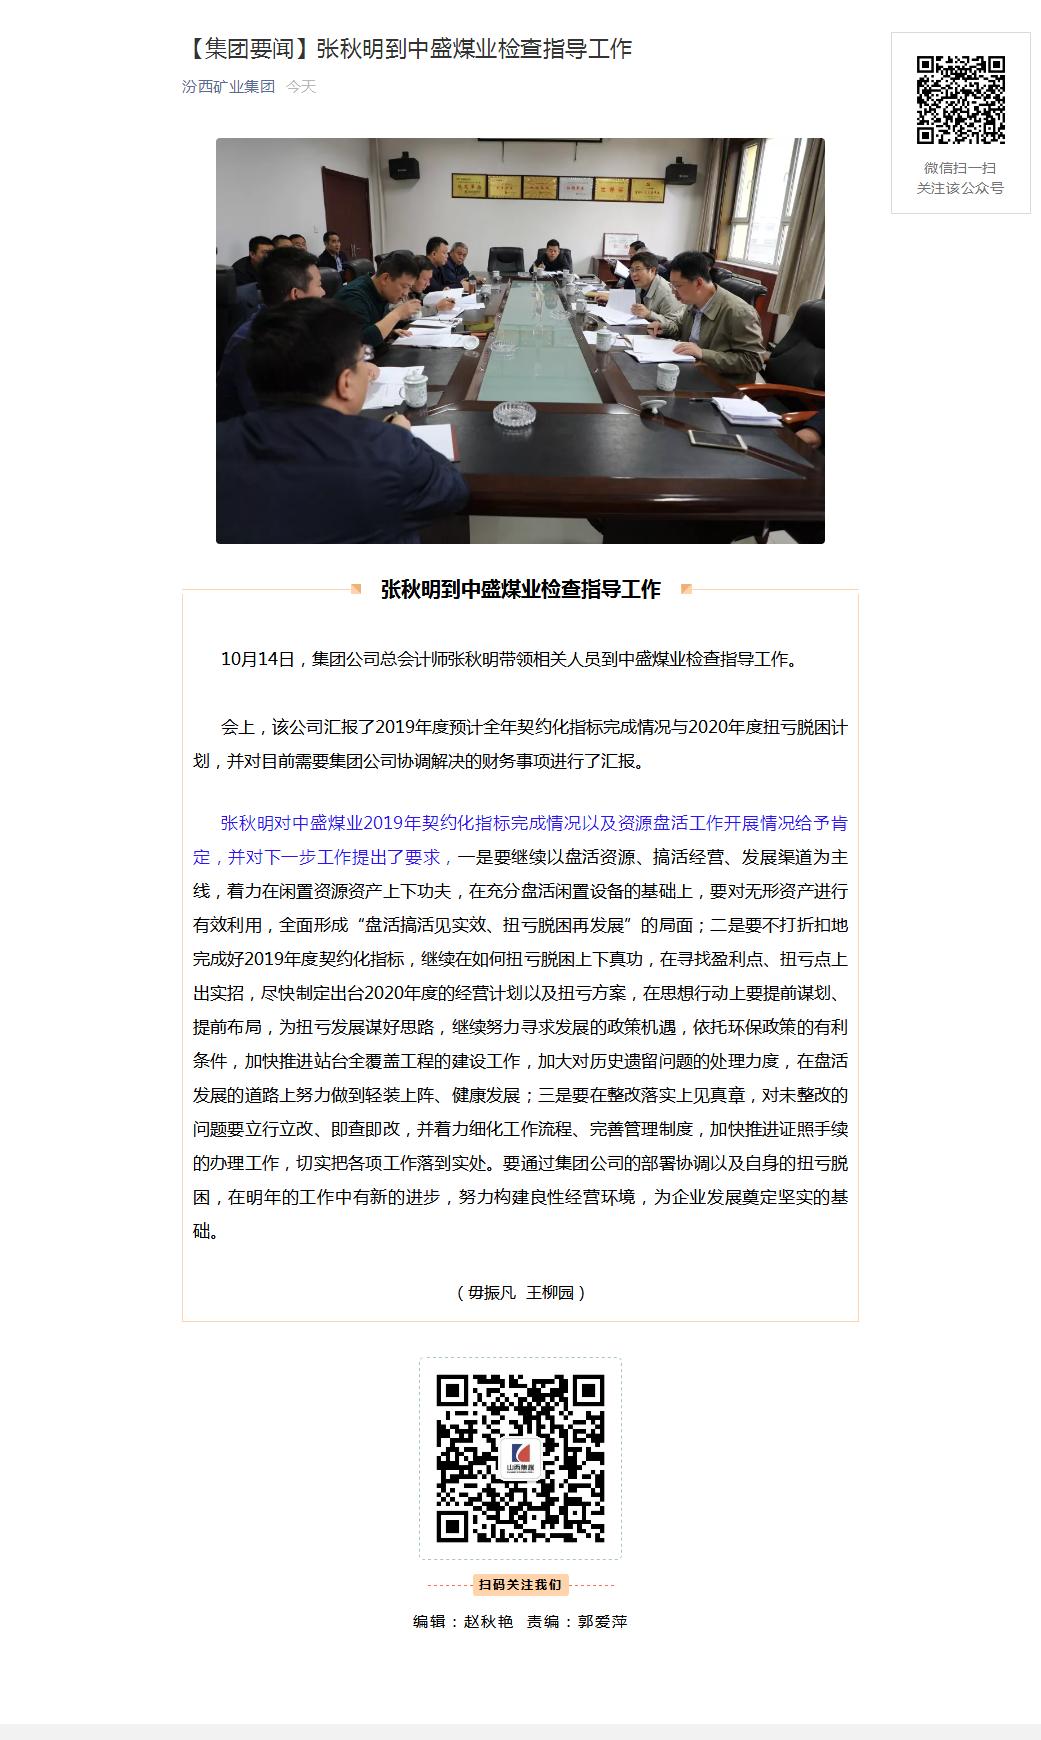 张秋明到中盛煤业检查指导工作.png